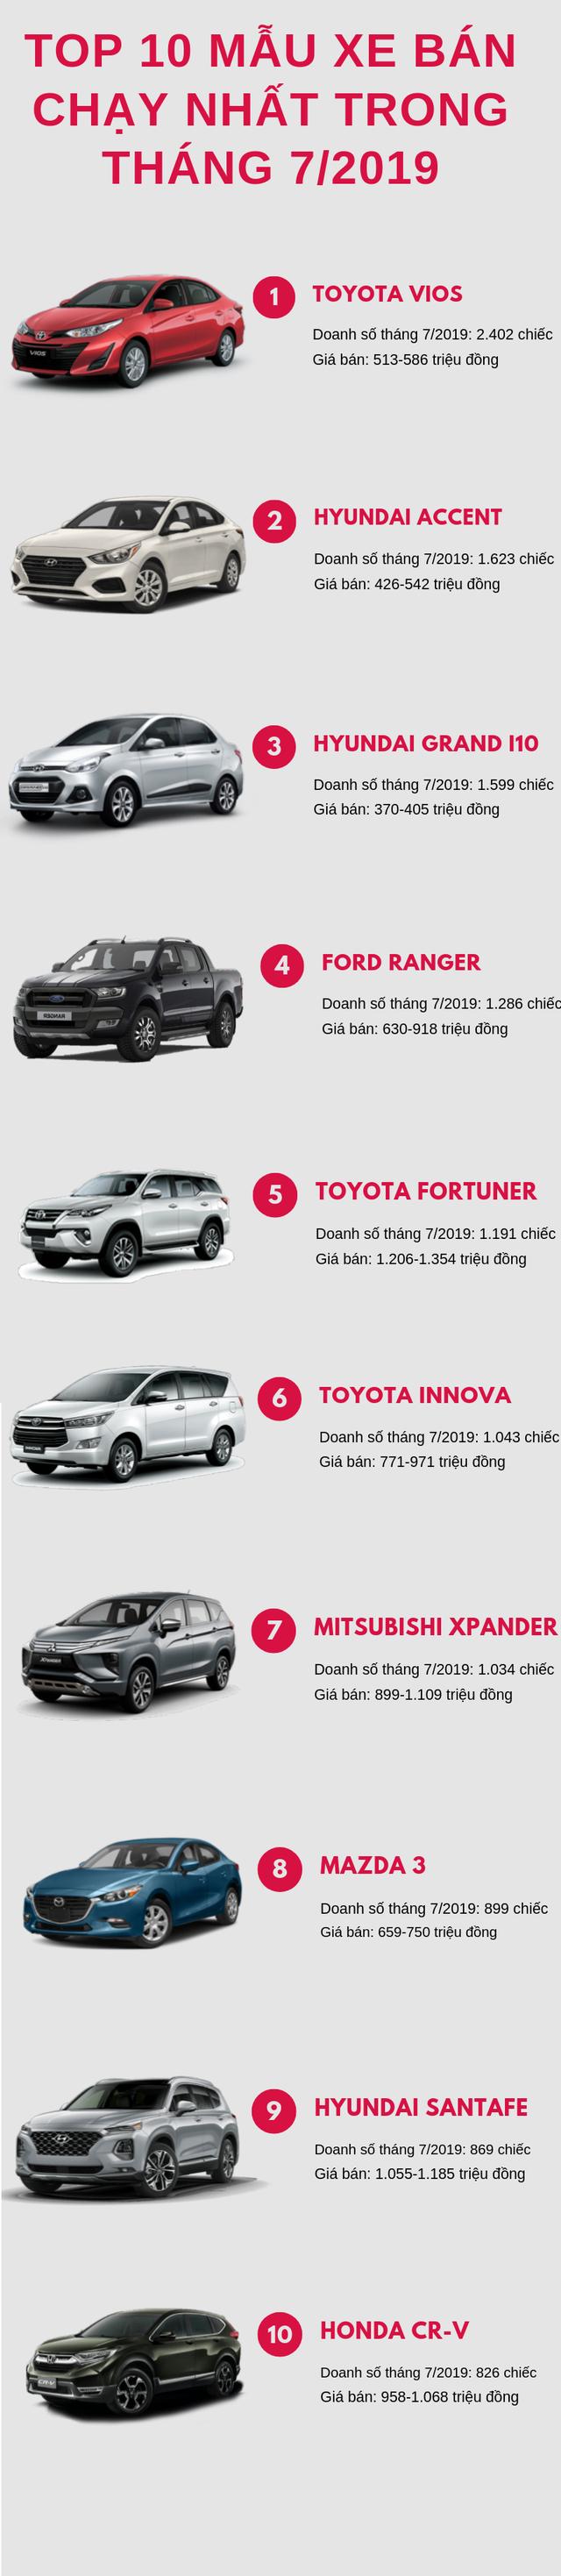 Top 10 ô tô bán chạy nhất tháng 7/2019: Hyundai SantaFe lần đầu tiên xuất hiện - Ảnh 1.